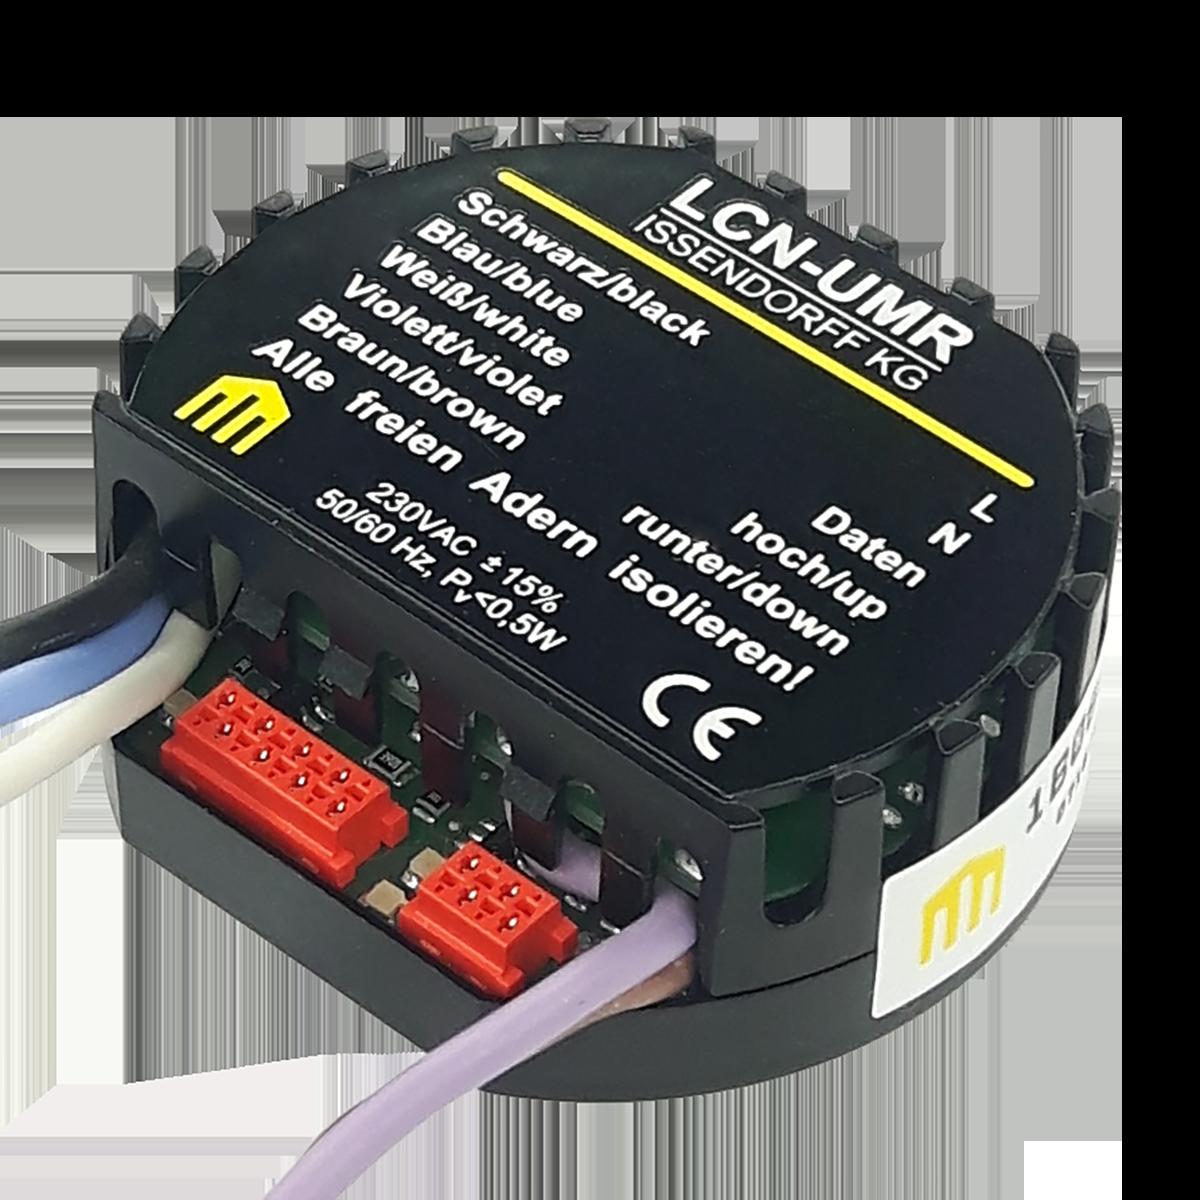 LCN-UMR